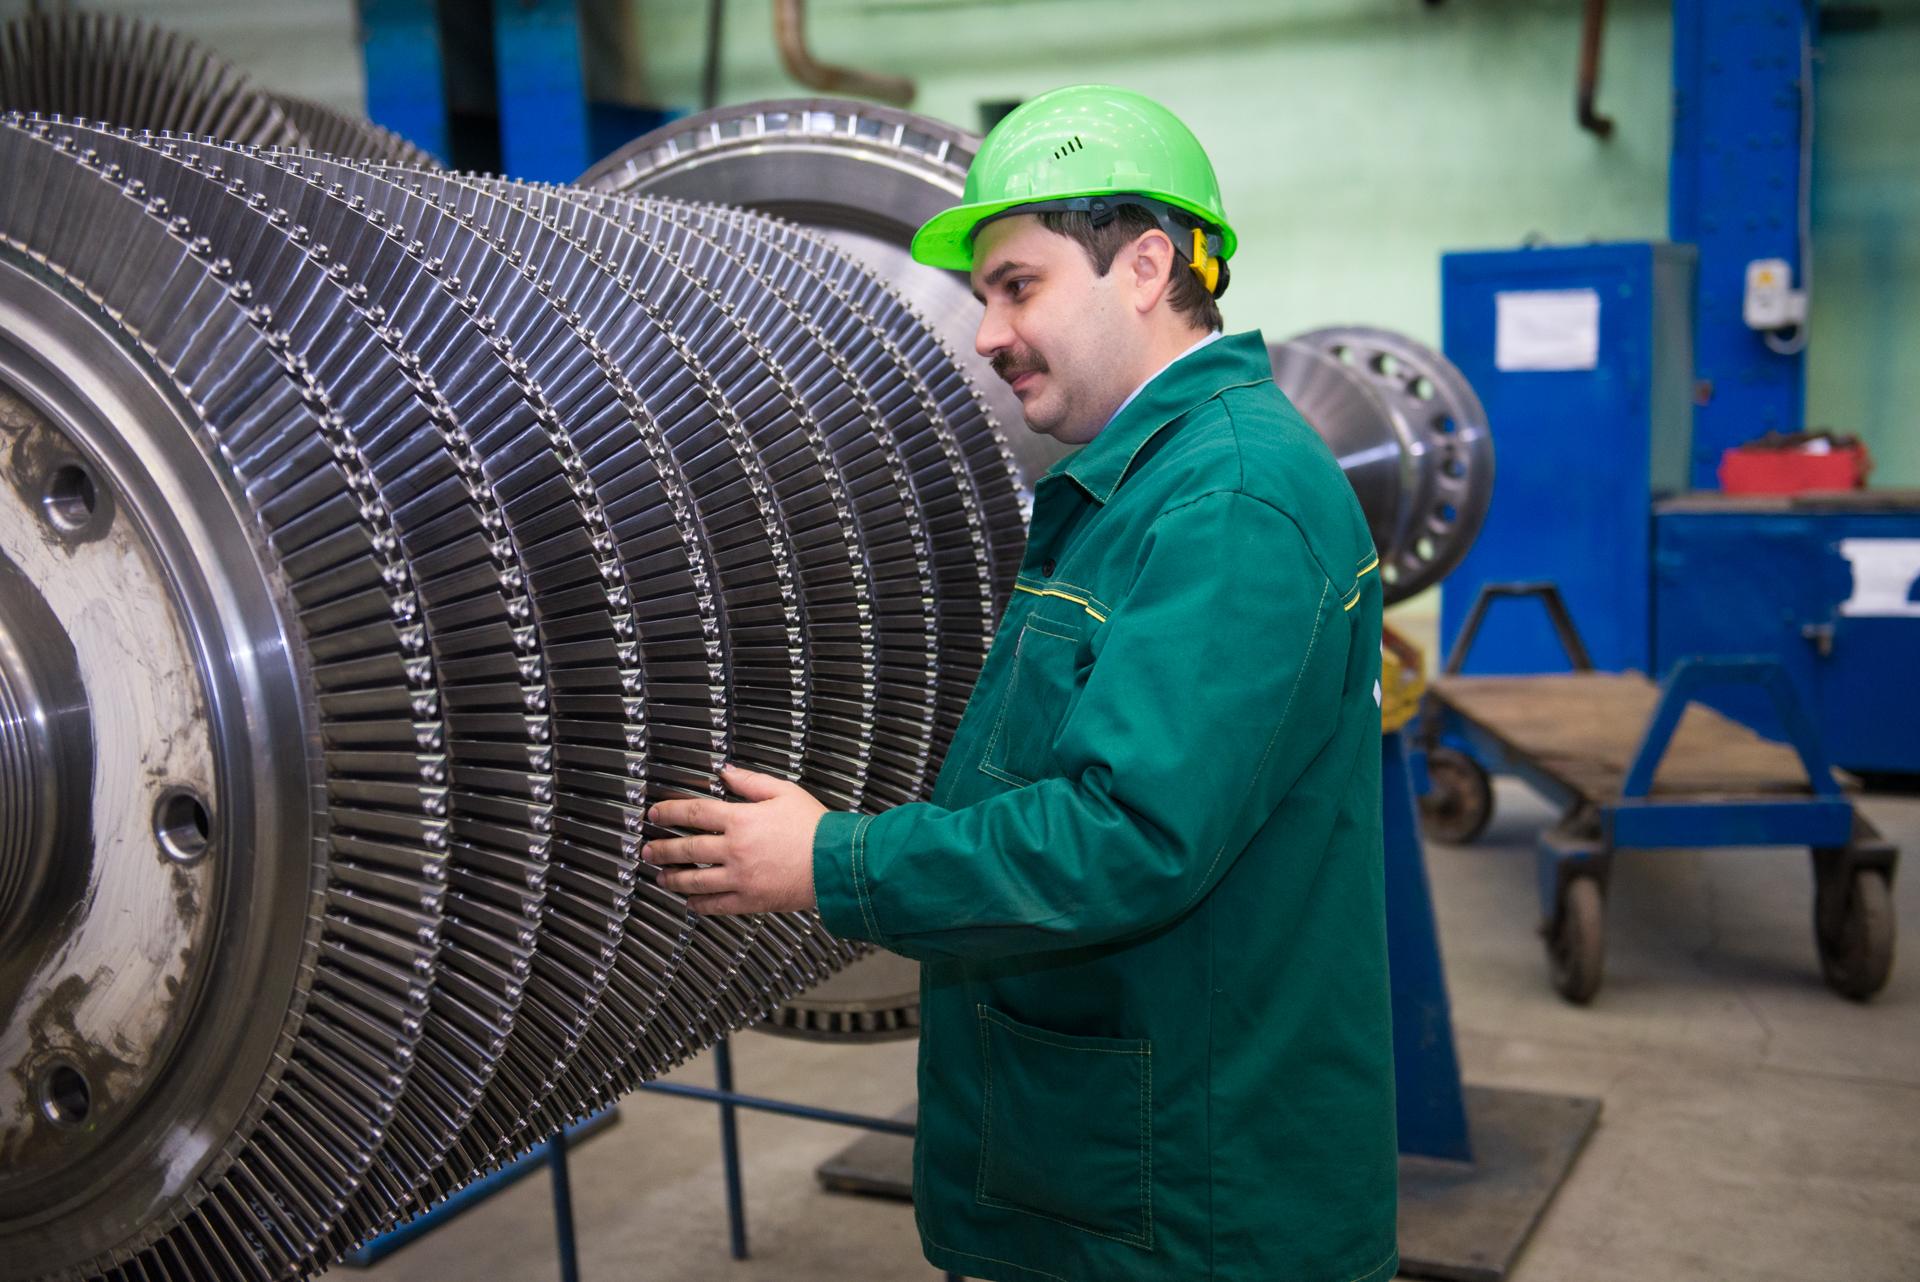 Иван Сивинских работает на заводе уже 7,5 лет, за это время прошел карьерный путь от практиканта до начальника